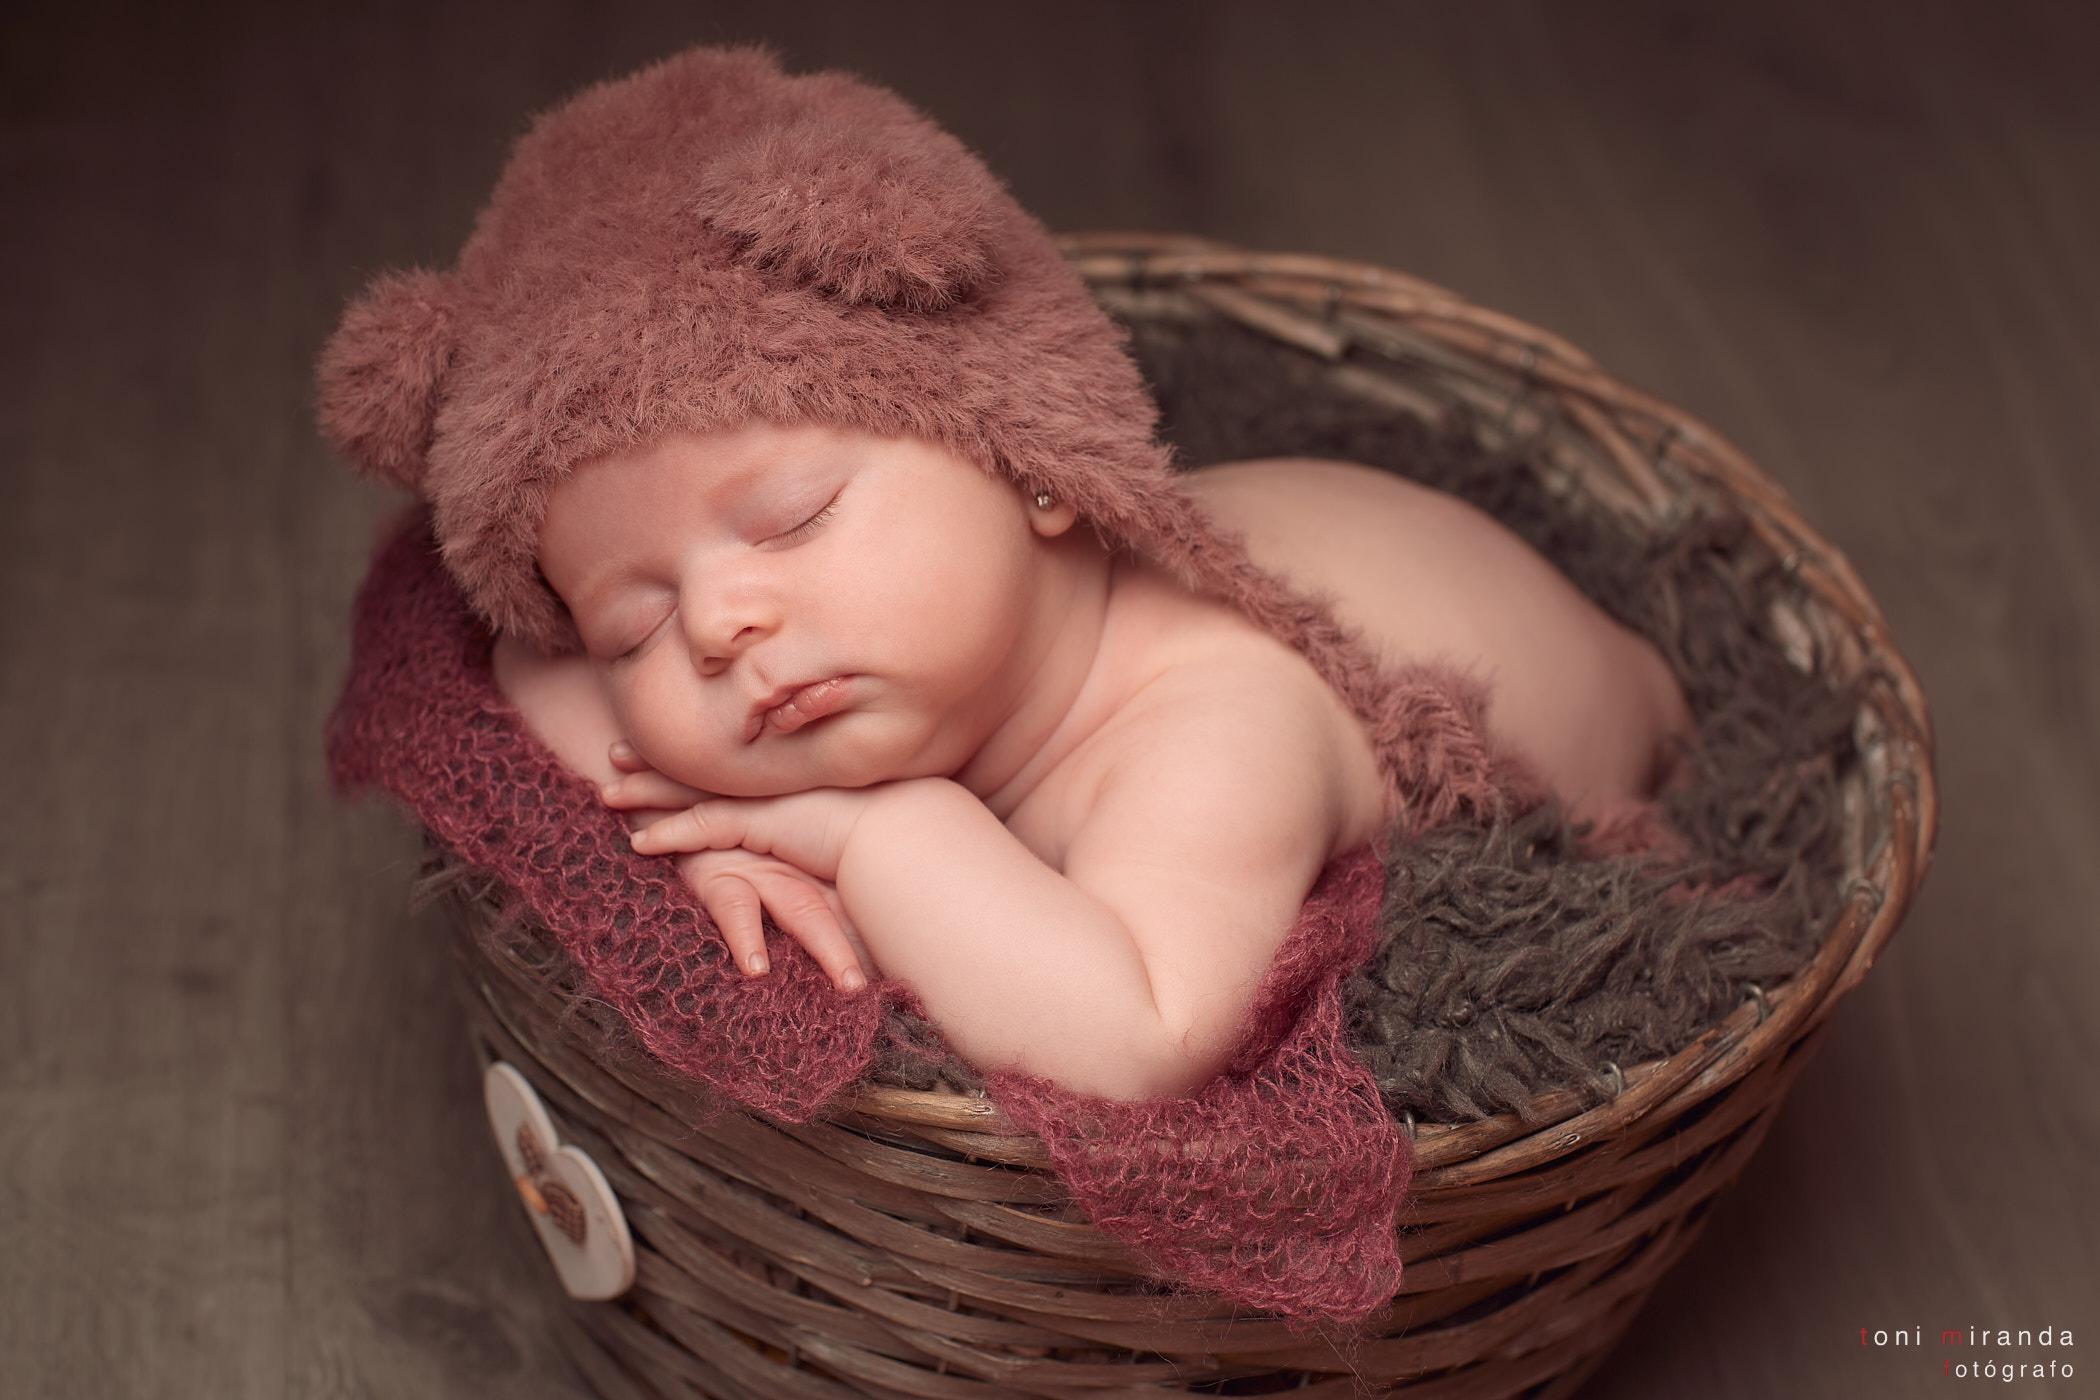 bebe durmiendo en cesta con gorro rosa